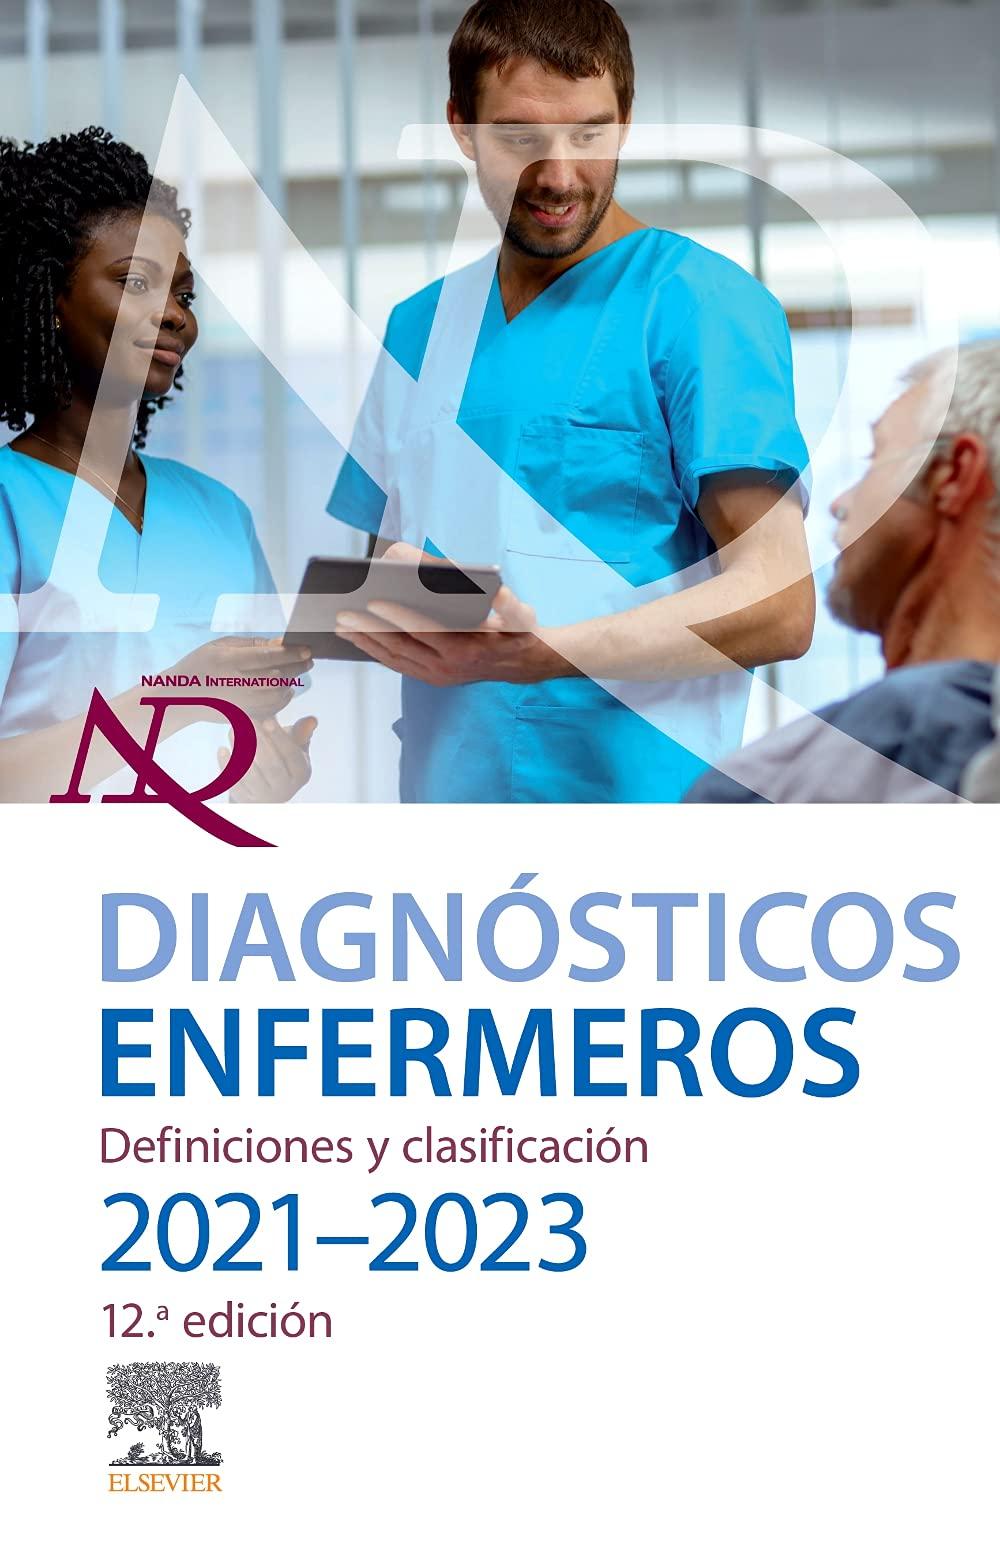 Imagen del libro pdf diagnosticos enfermeros nanda nic noc 2021 2023